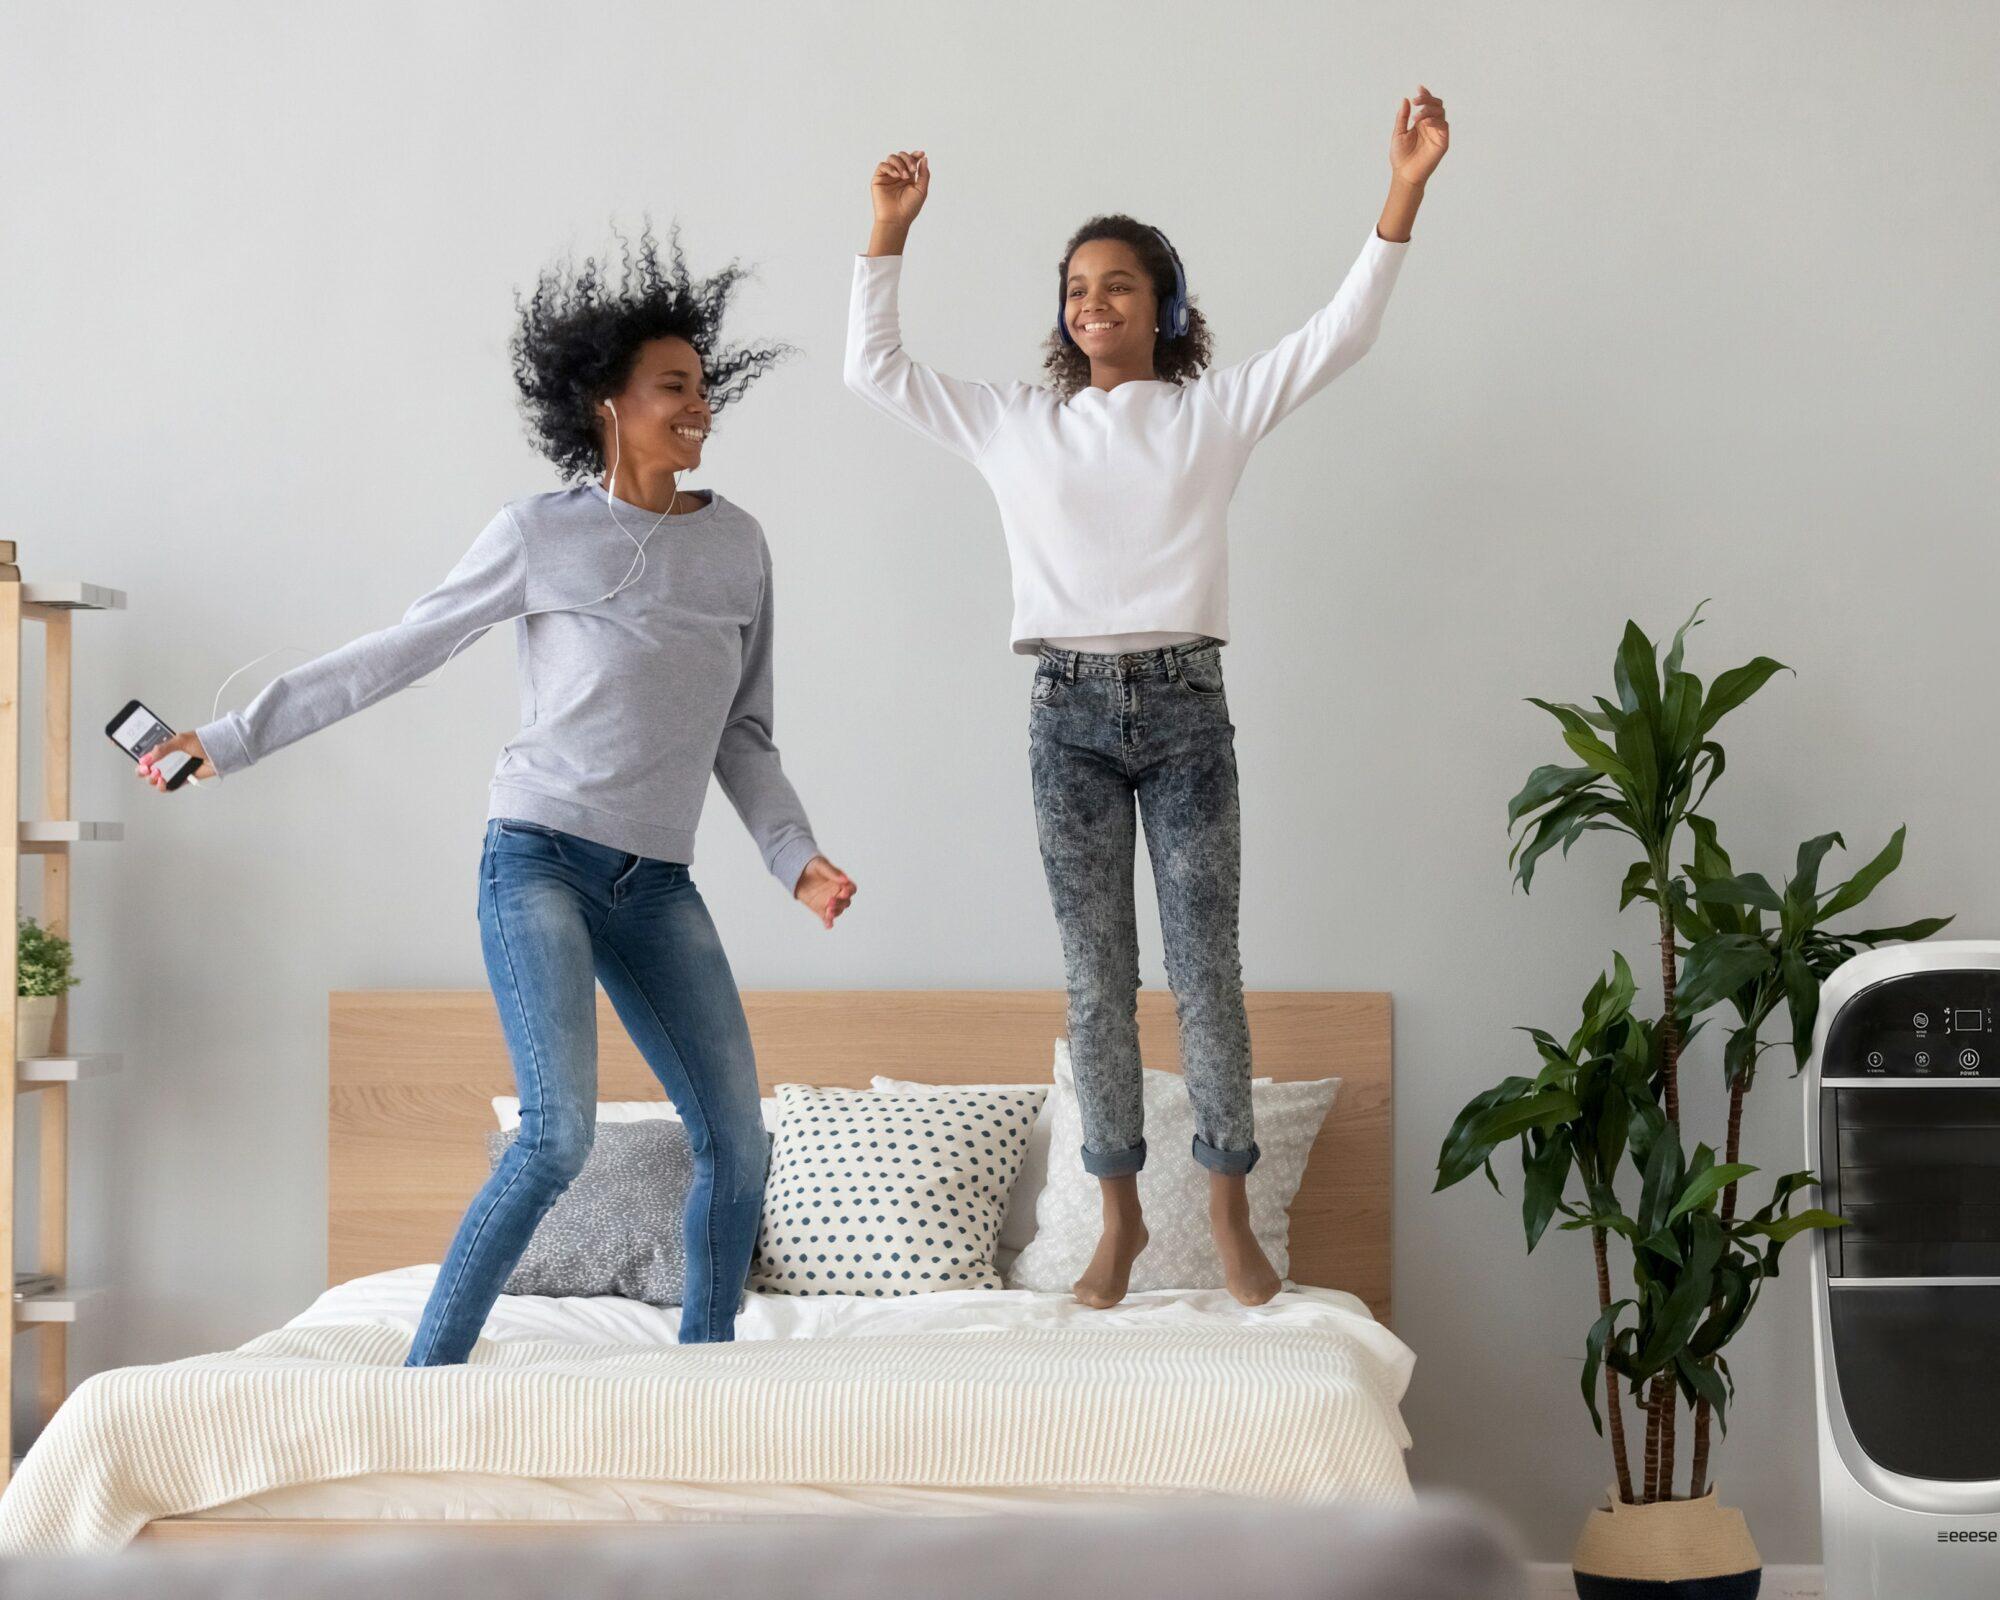 Lea Luftkjøler på soverom